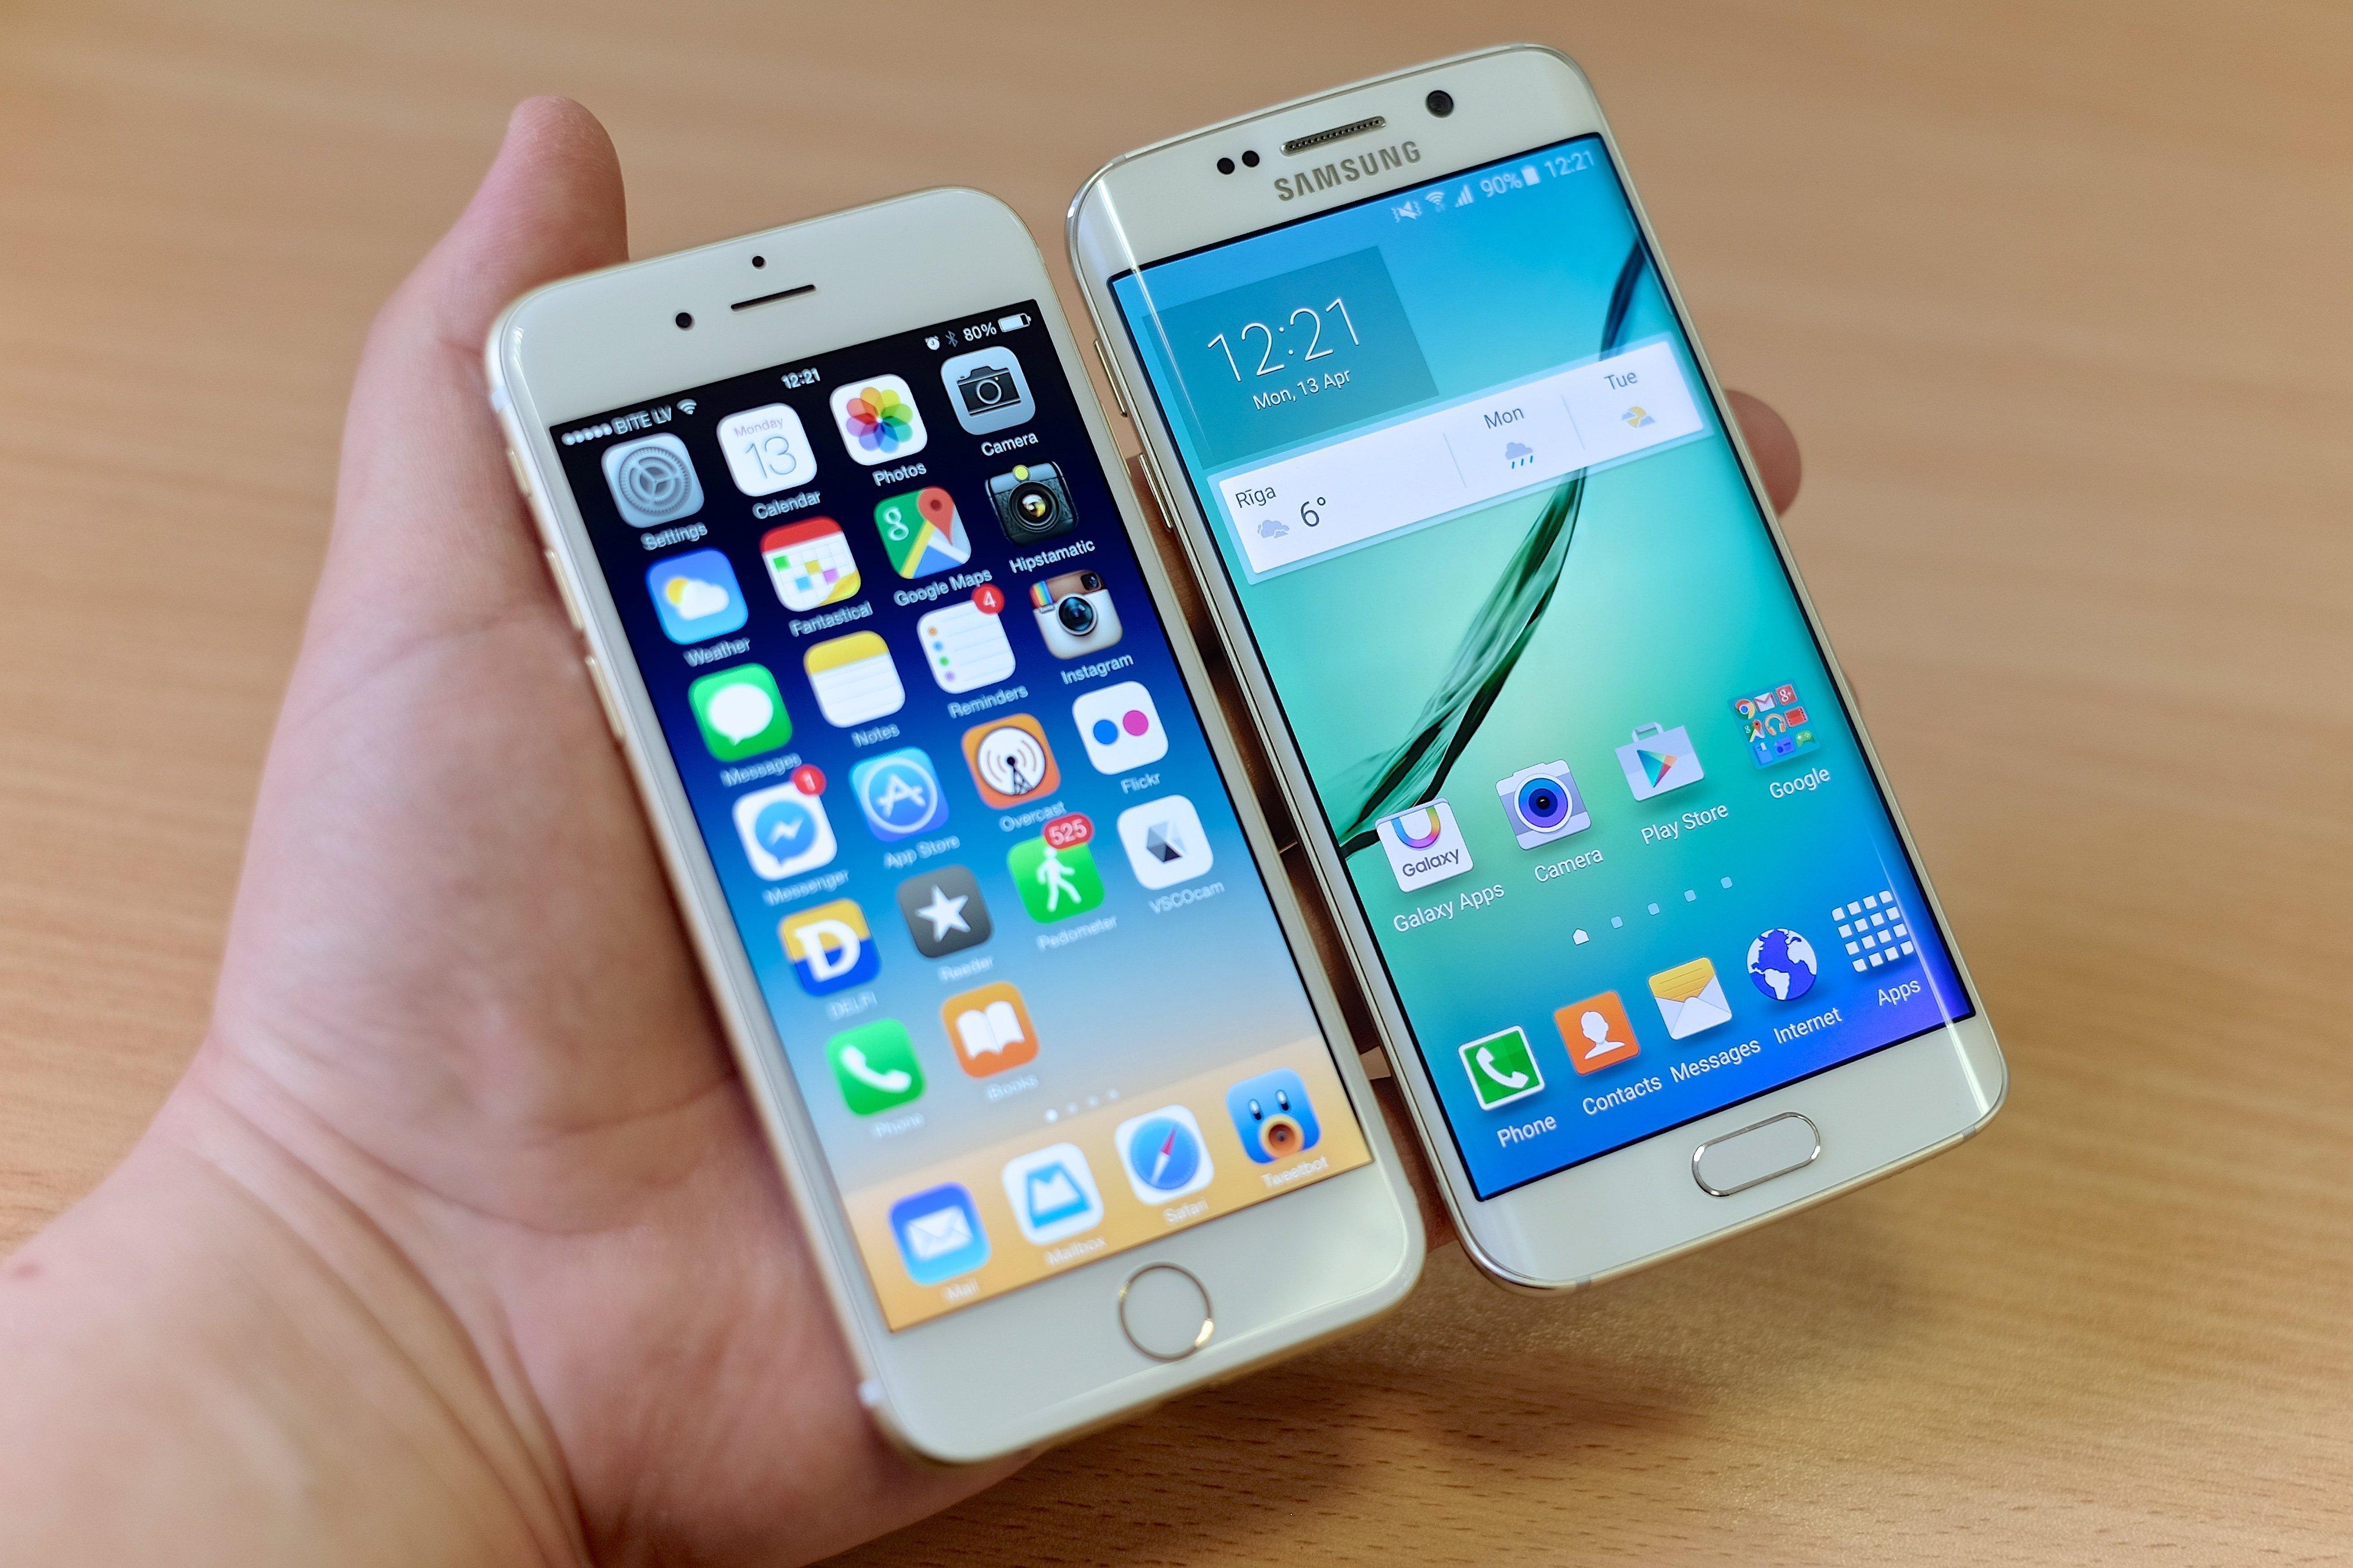 Na Otoku uporabniki storitev mobilne telefonije prisegajo predvsem na mobilnike iPhone!